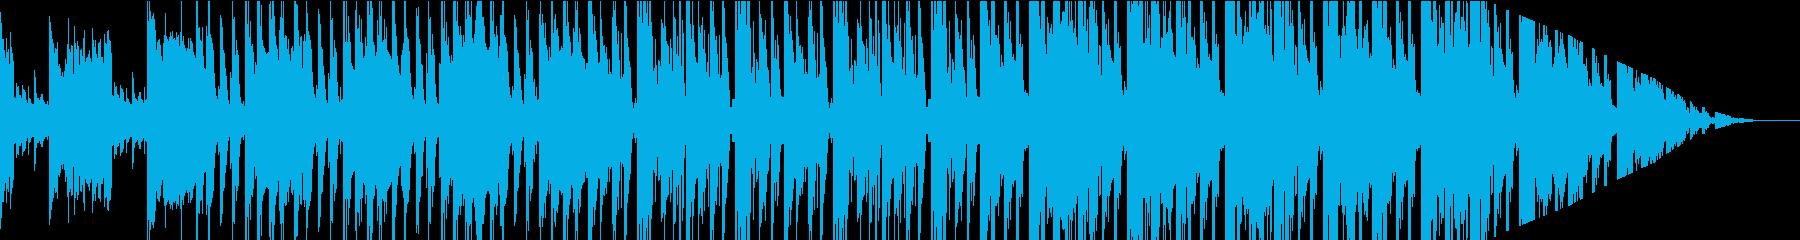 おしゃれなアコギが奏でる2ステップの再生済みの波形